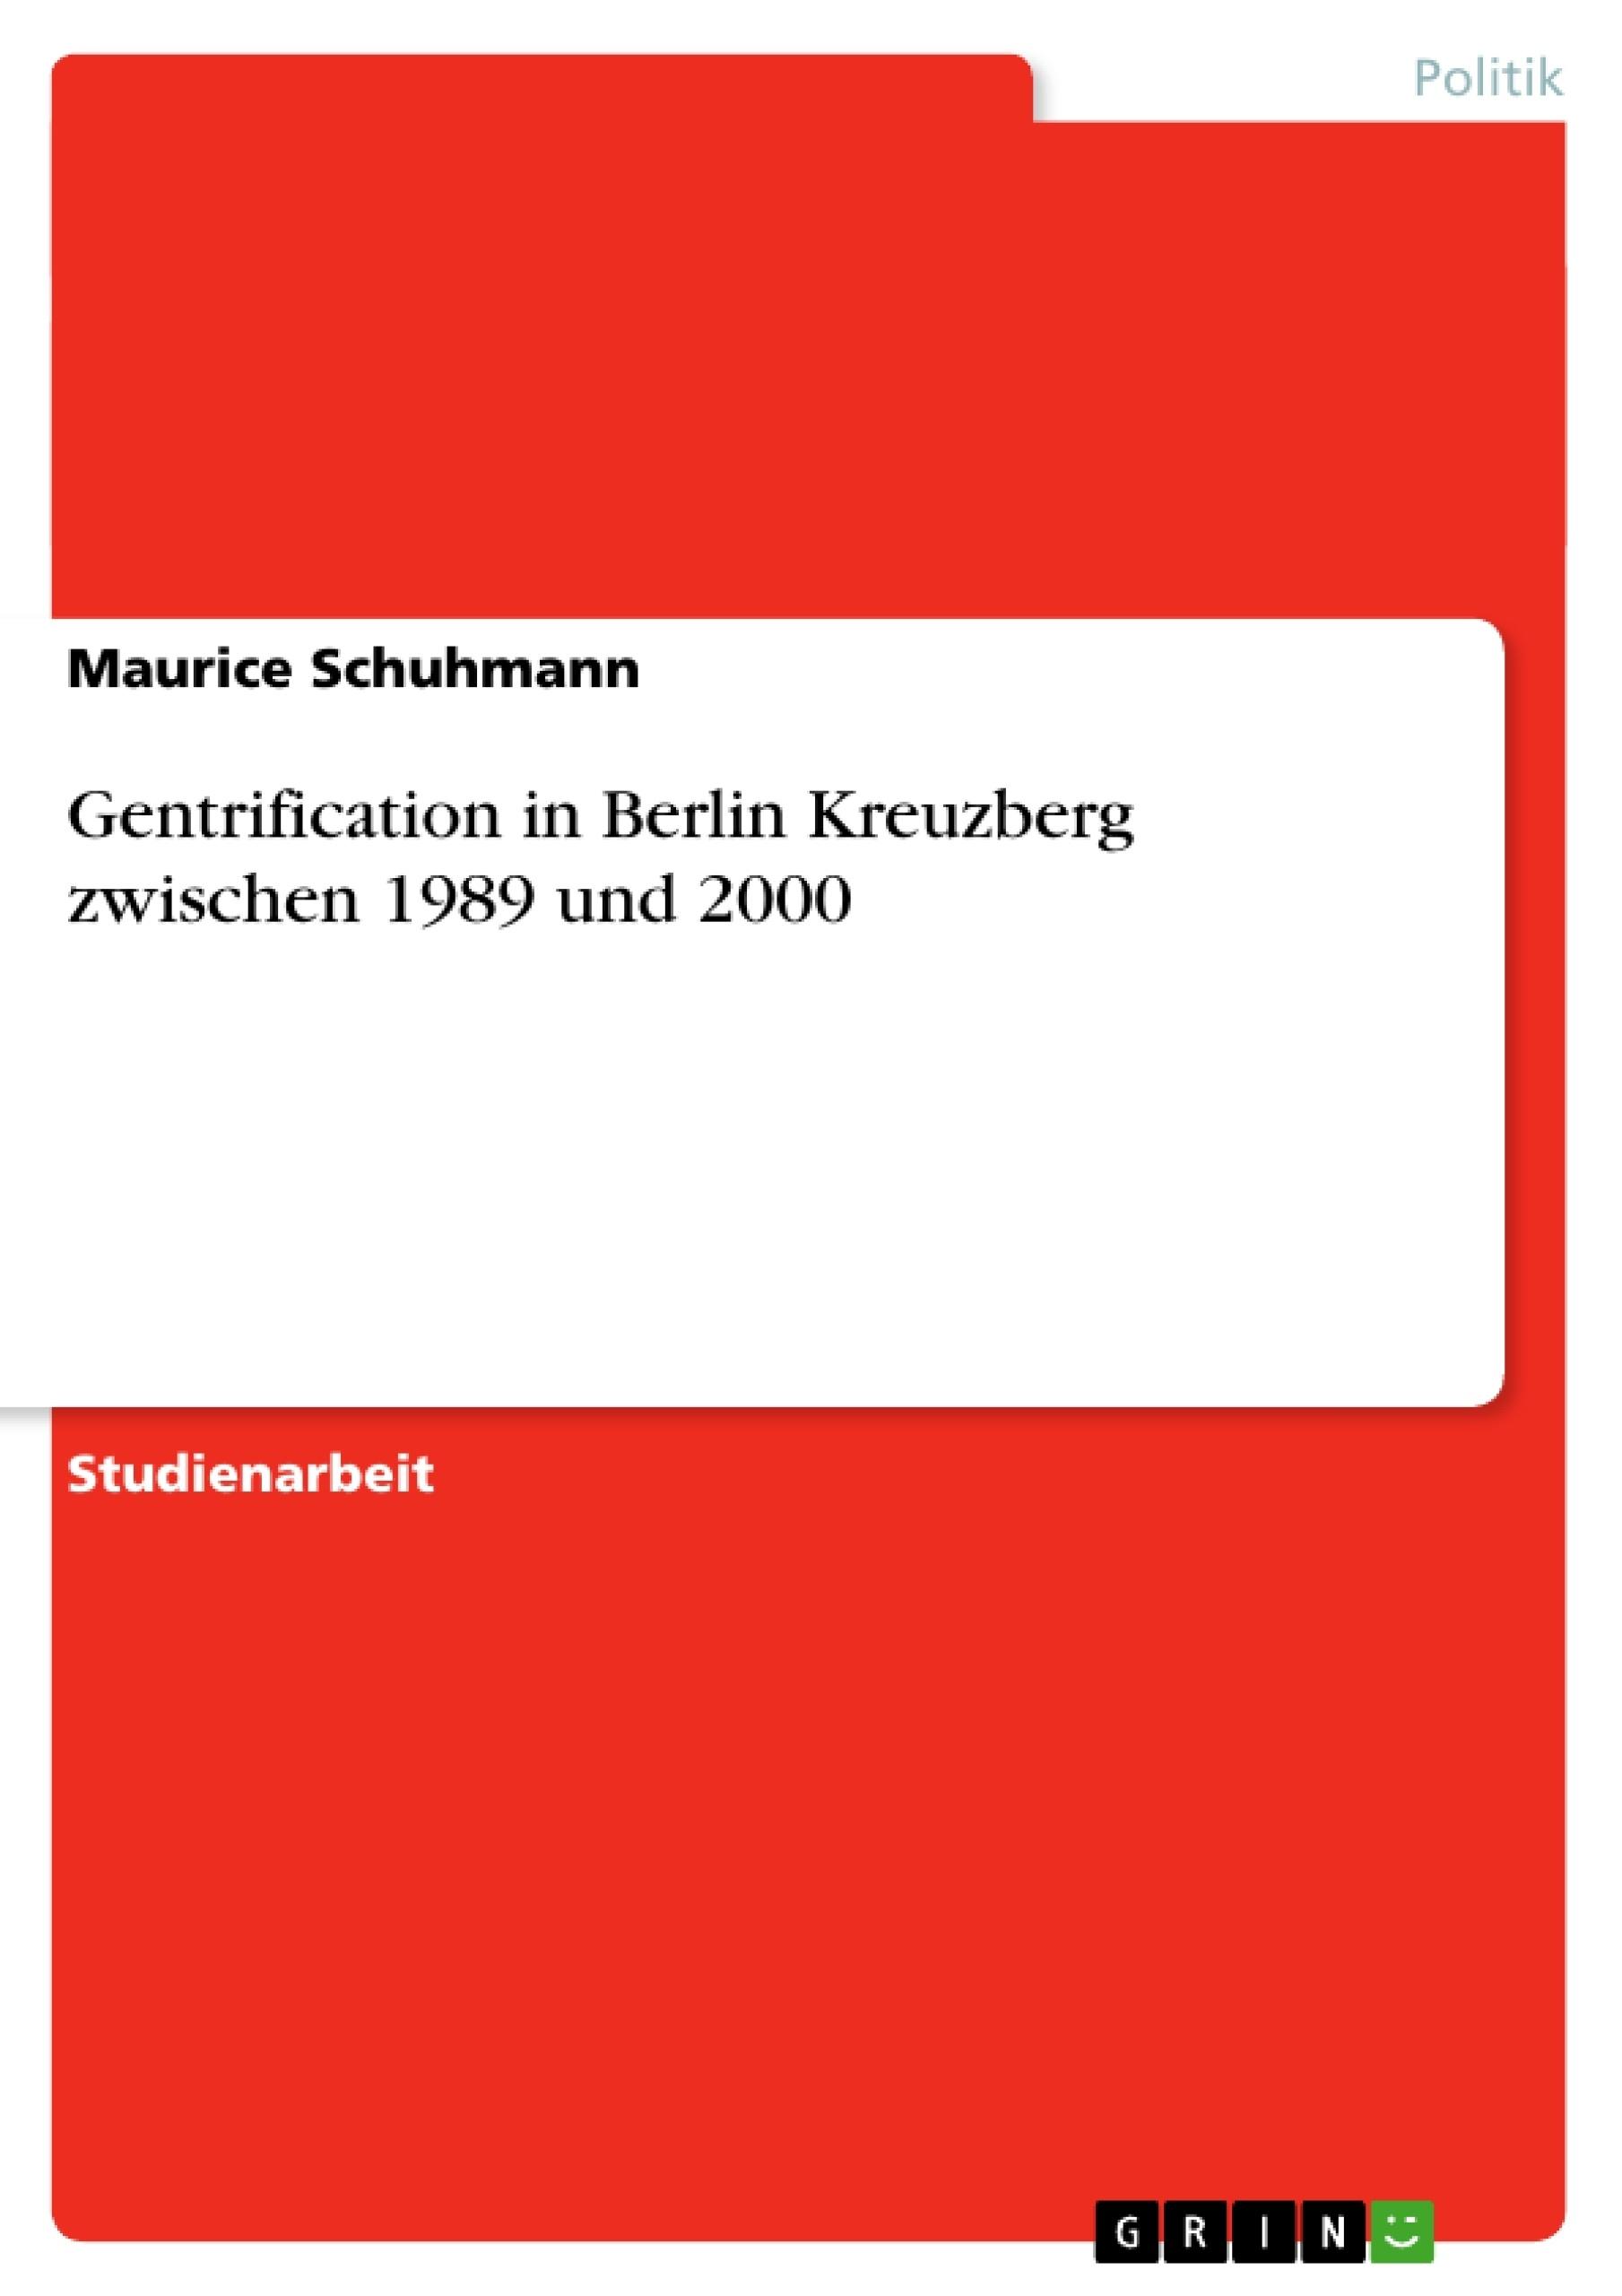 Titel: Gentrification in Berlin Kreuzberg zwischen 1989 und 2000